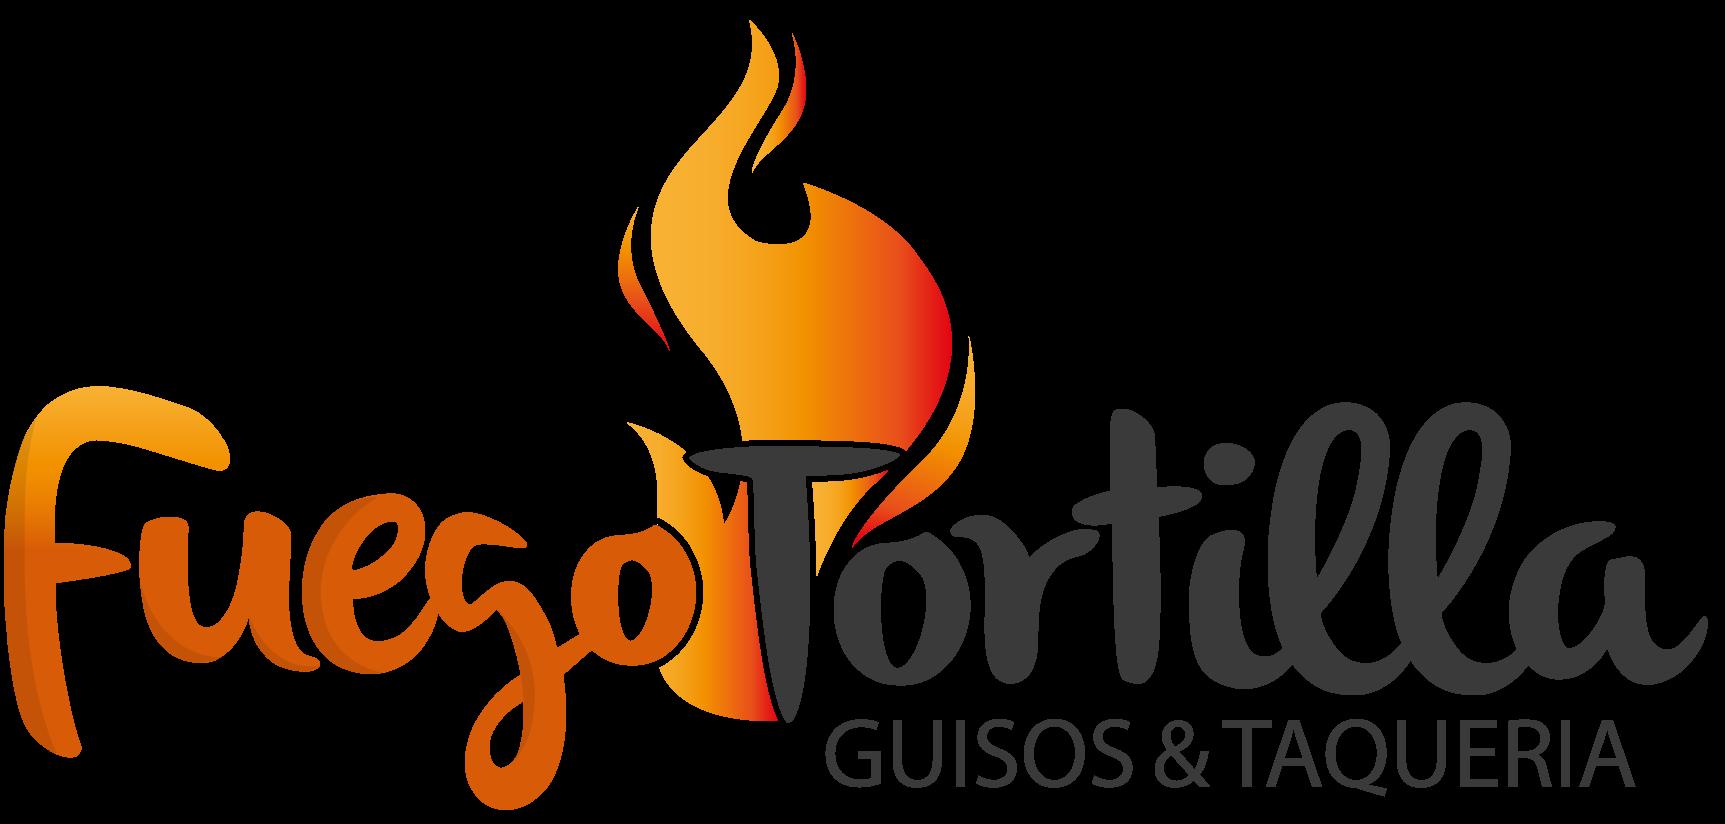 Fuego Tortilla Guisos & Taqueria